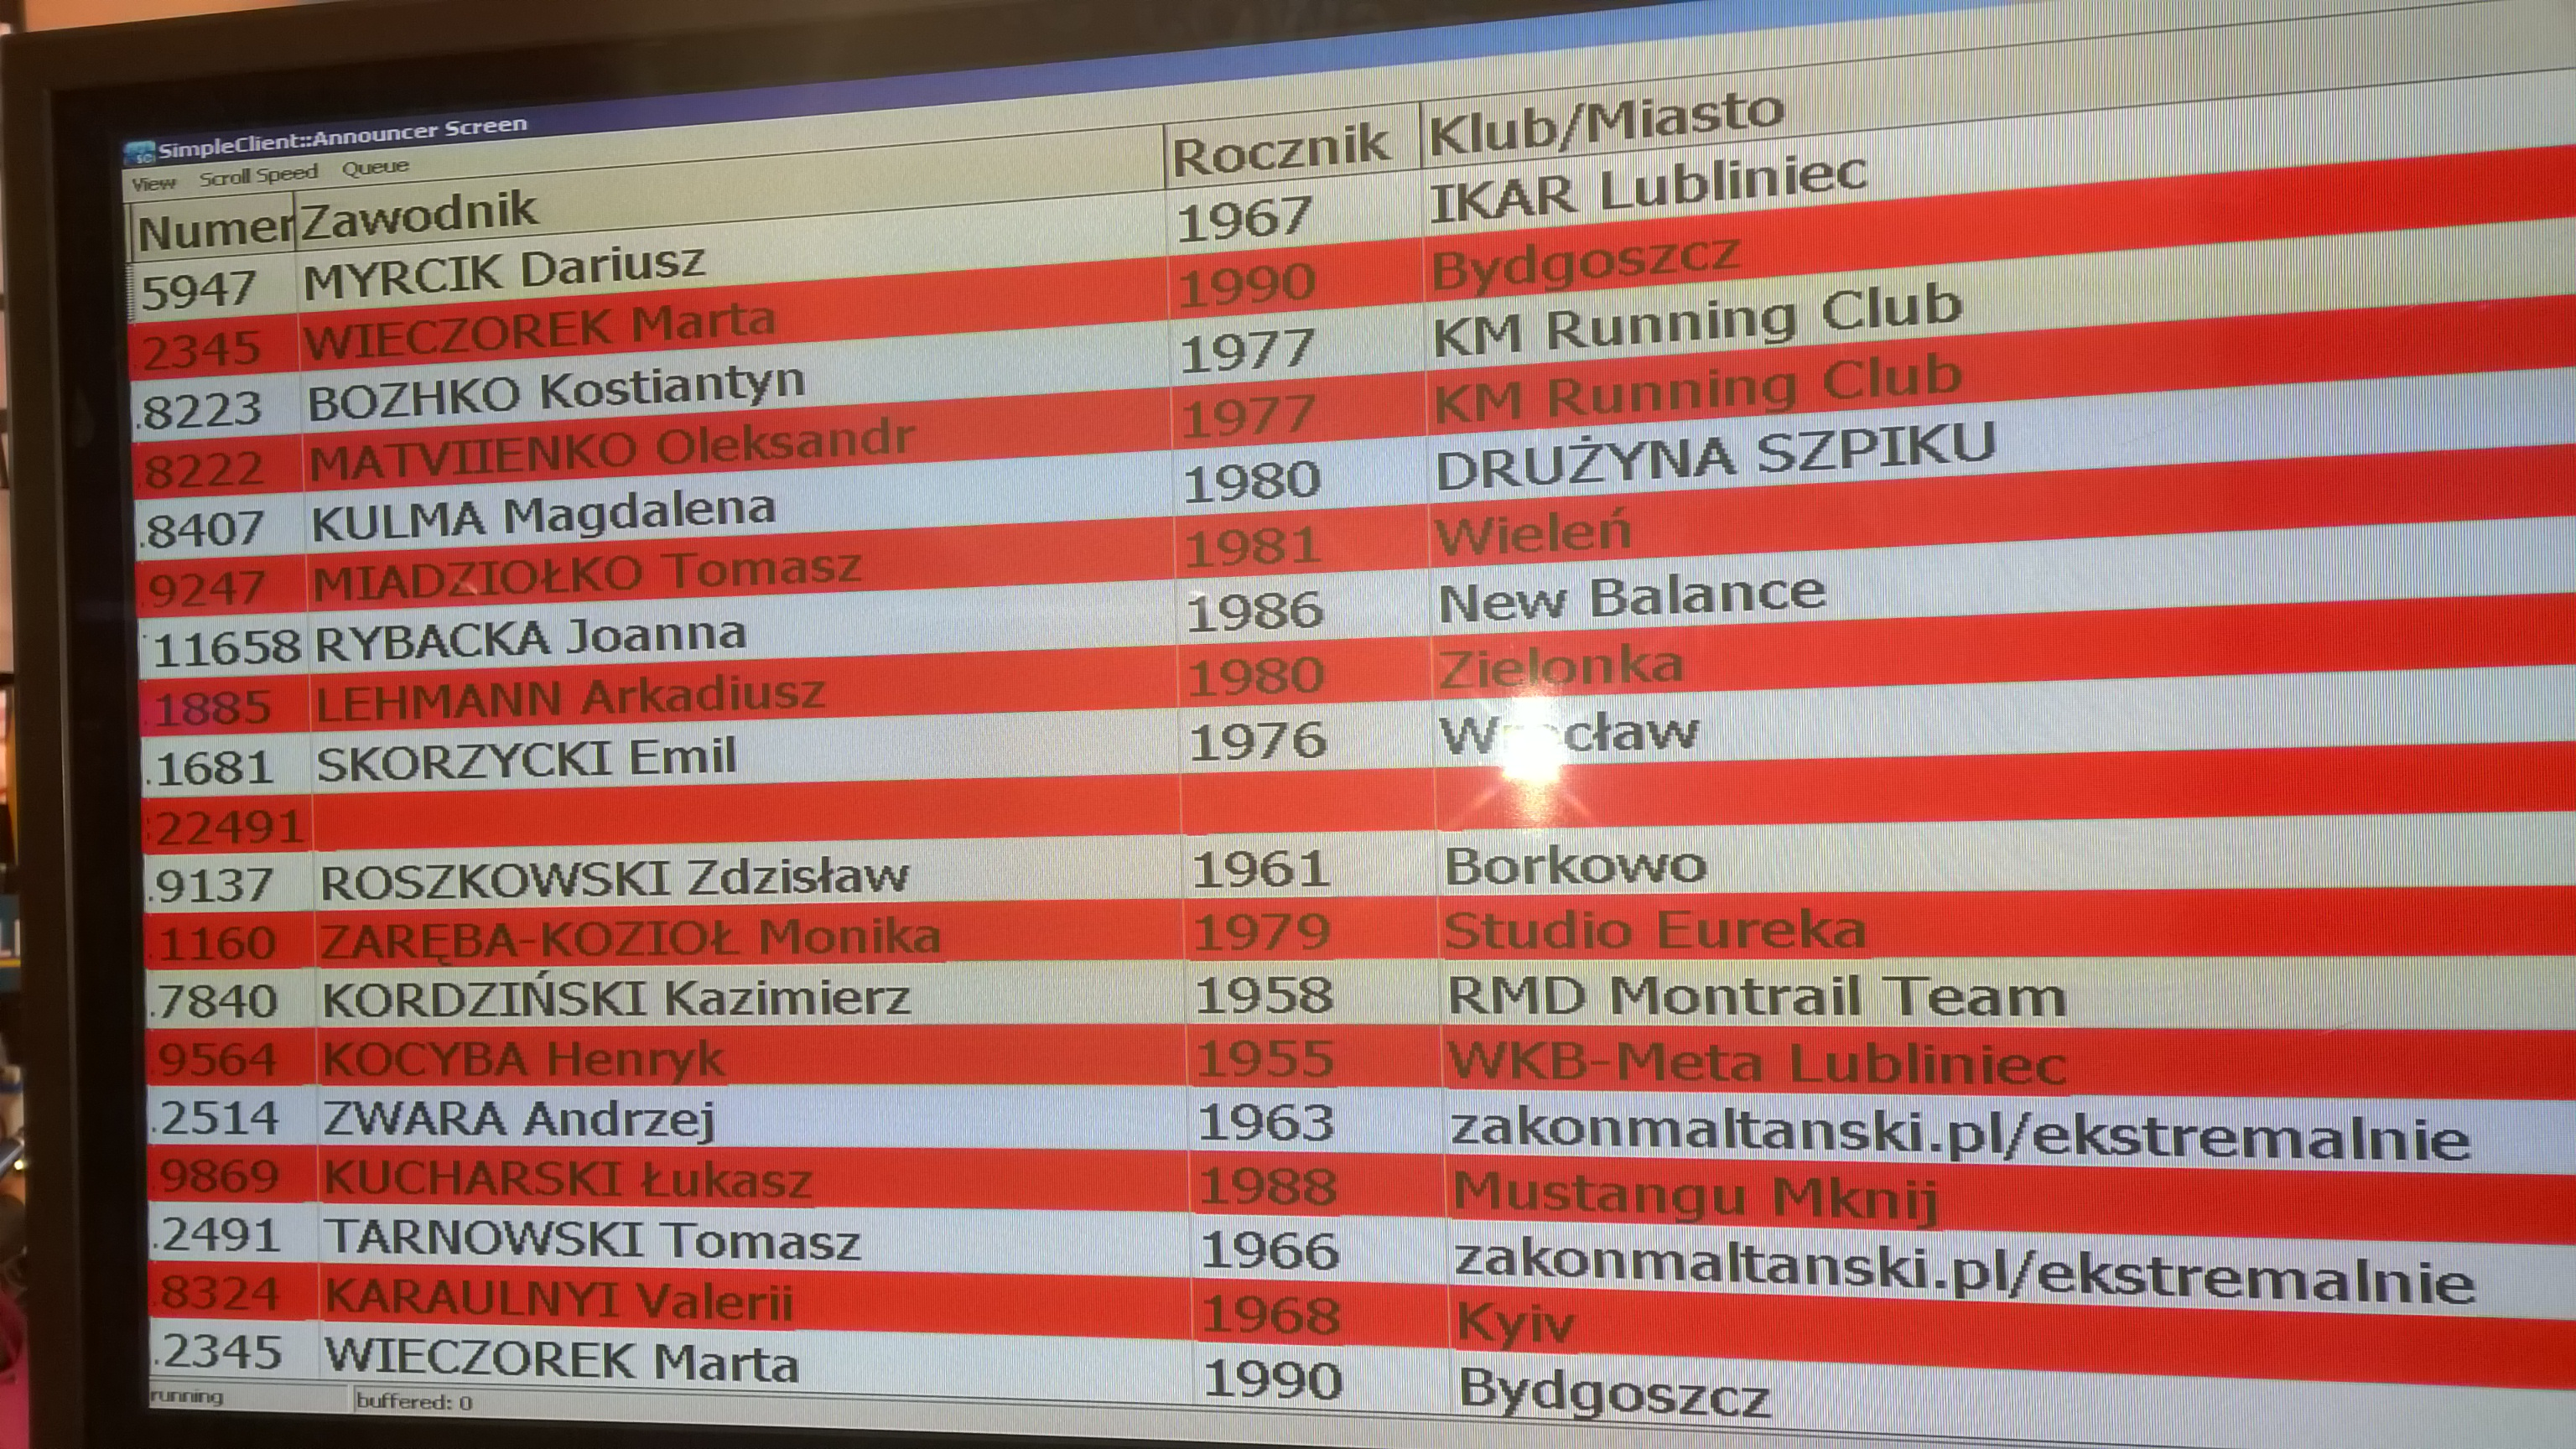 test chipów pomiaru czasu - wyświetlamy się na dole ekranu - jako zakonmaltanski.pl/ekstremalnie